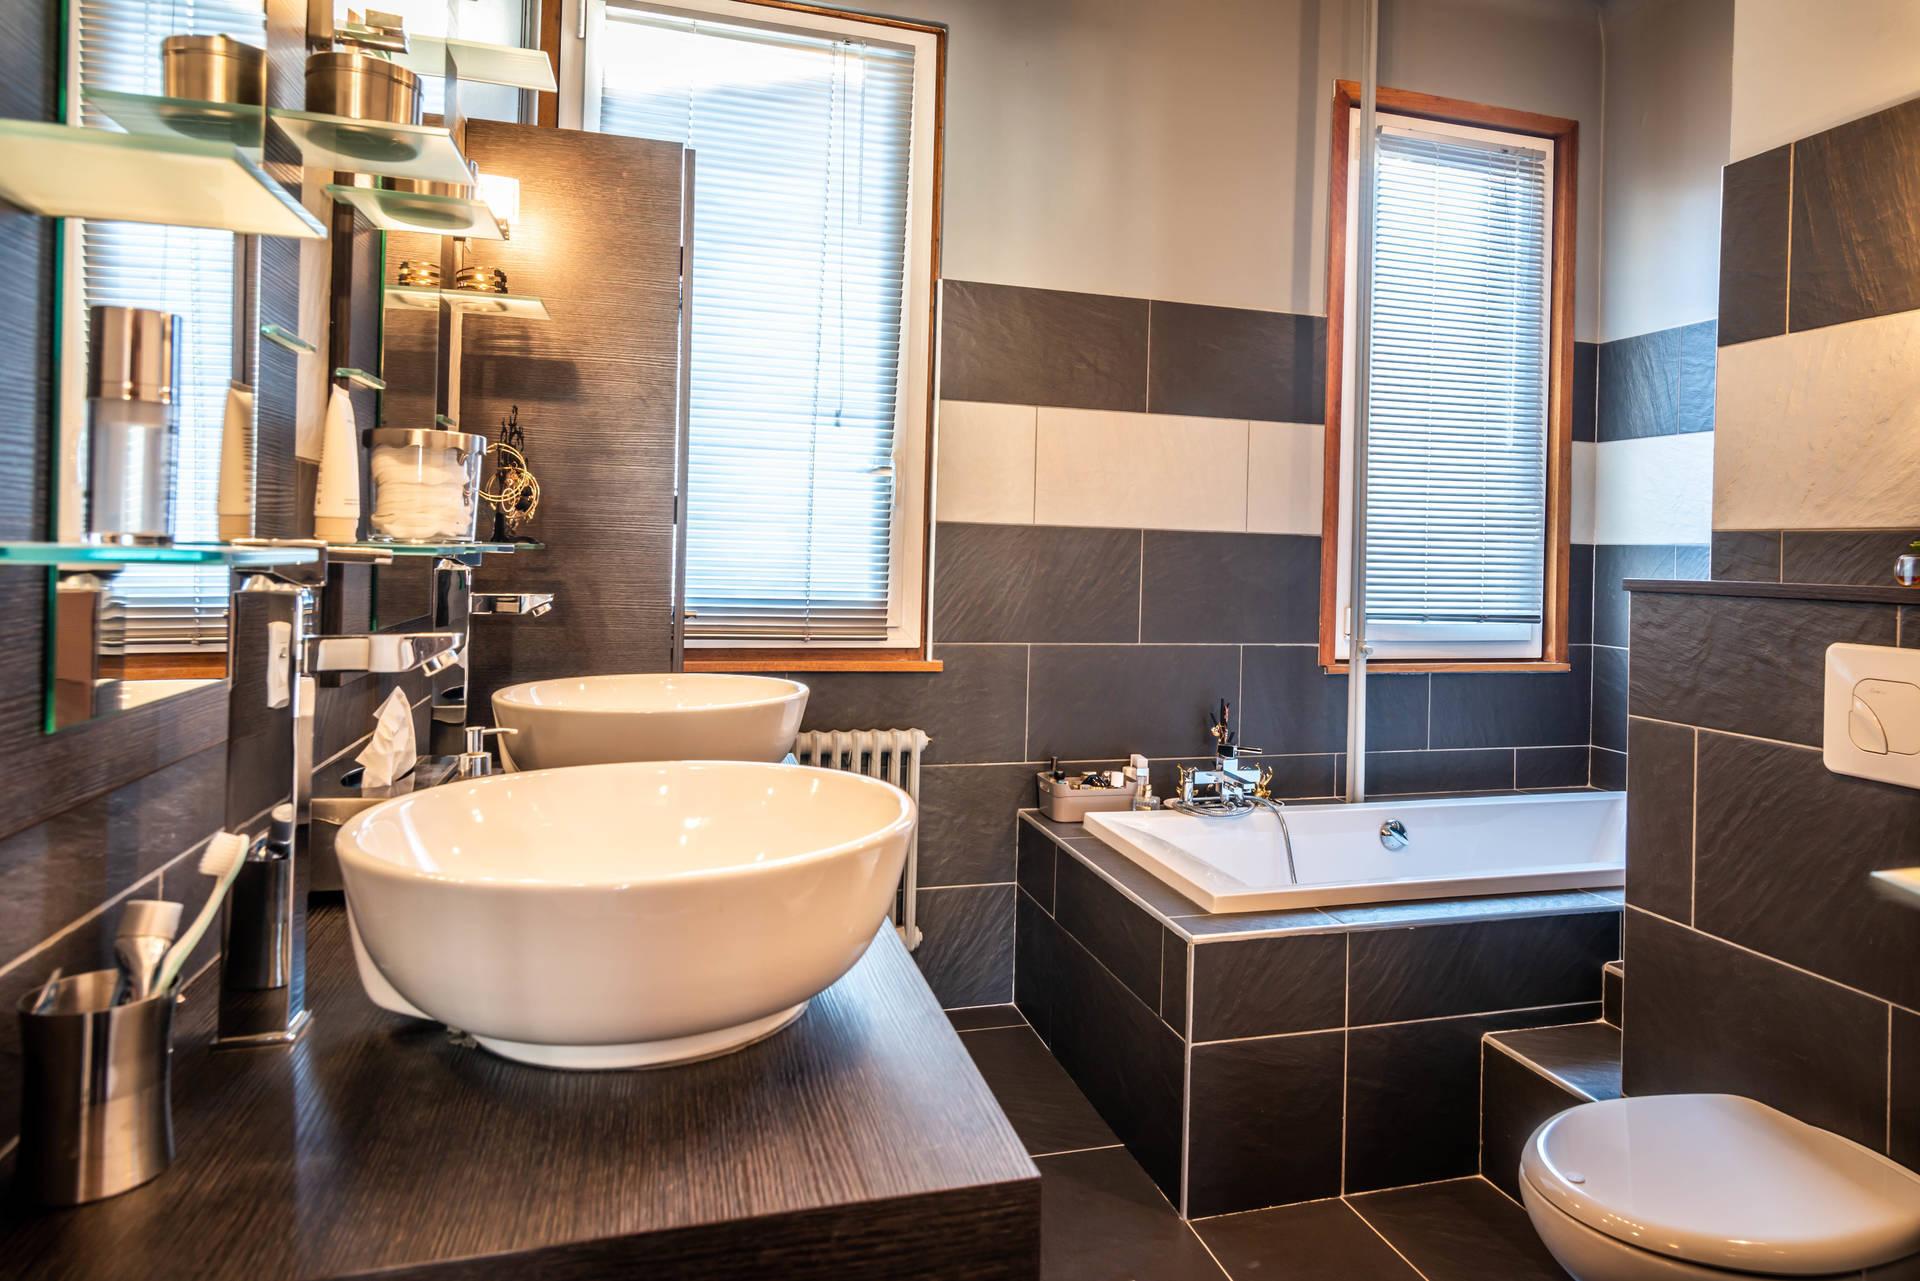 Vente appartement 20 pièces 1120 m² à Thonon-les-Bains 20 CENTRE-VILLE